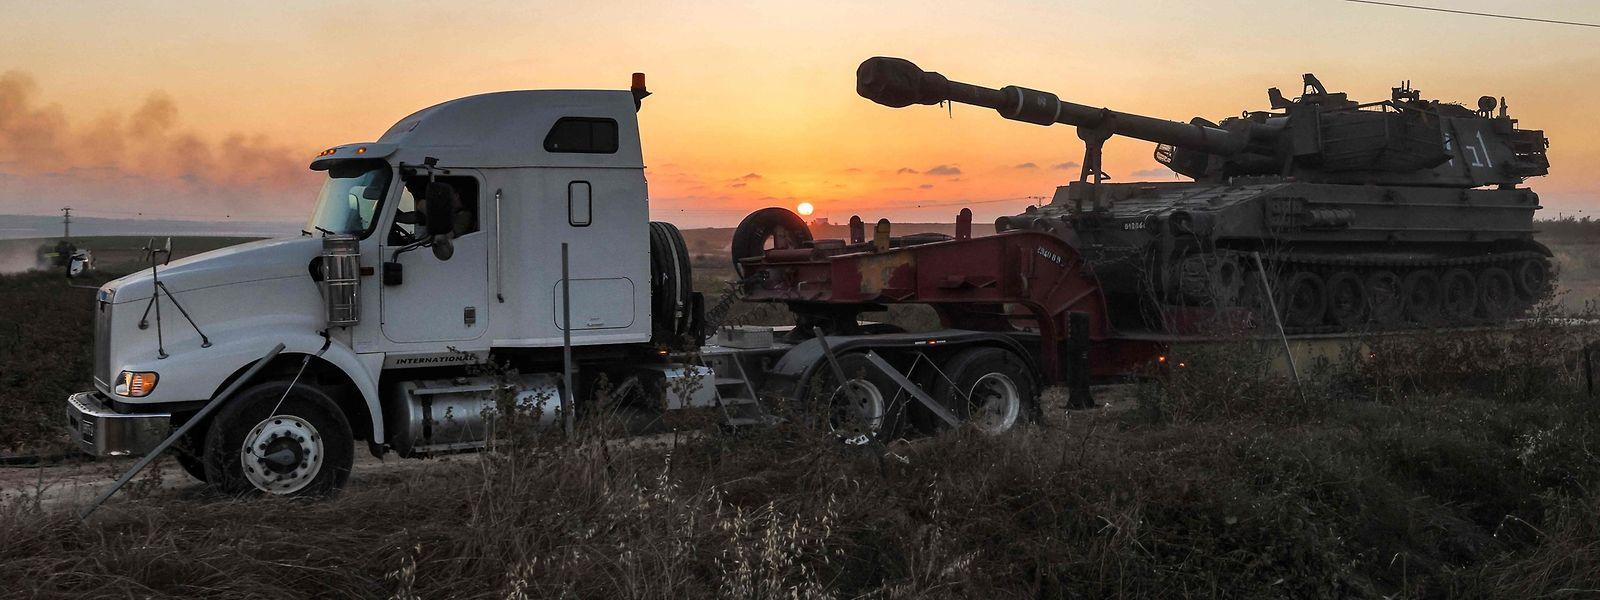 Eine israelische Haubitze wird am Donnerstag entlang der Grenze zwischen Israel und dem Gazastreifen in Stellung gebracht.